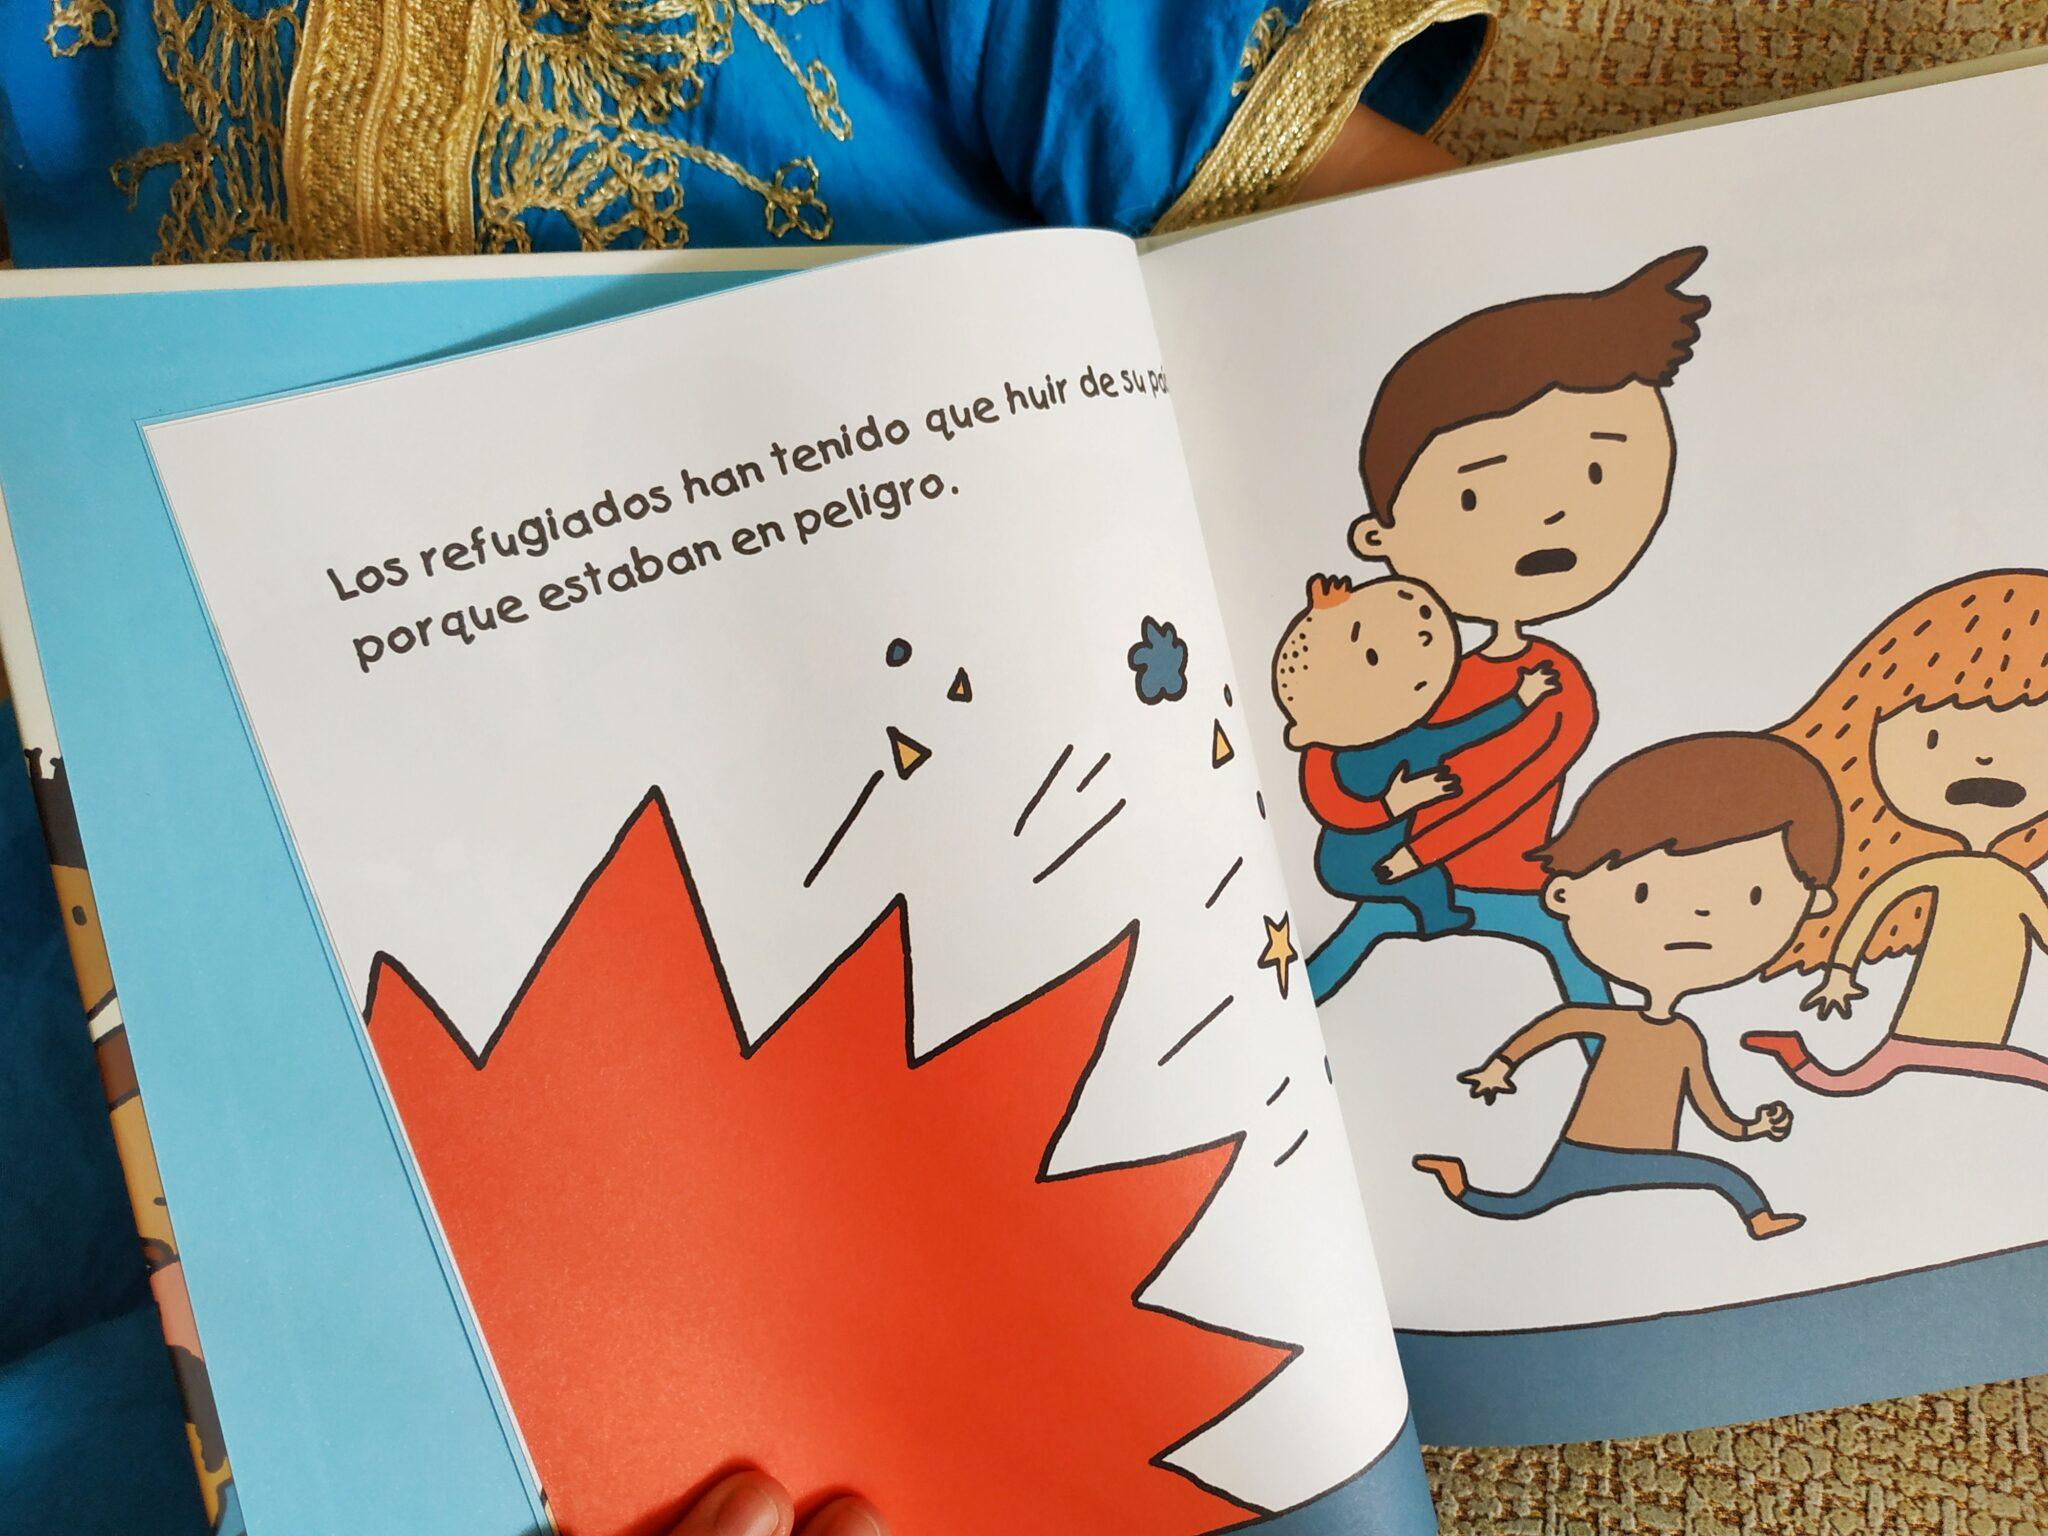 IMG 20200923 122954 01 scaled - Cómo explicar a los niños qué es un refugiado